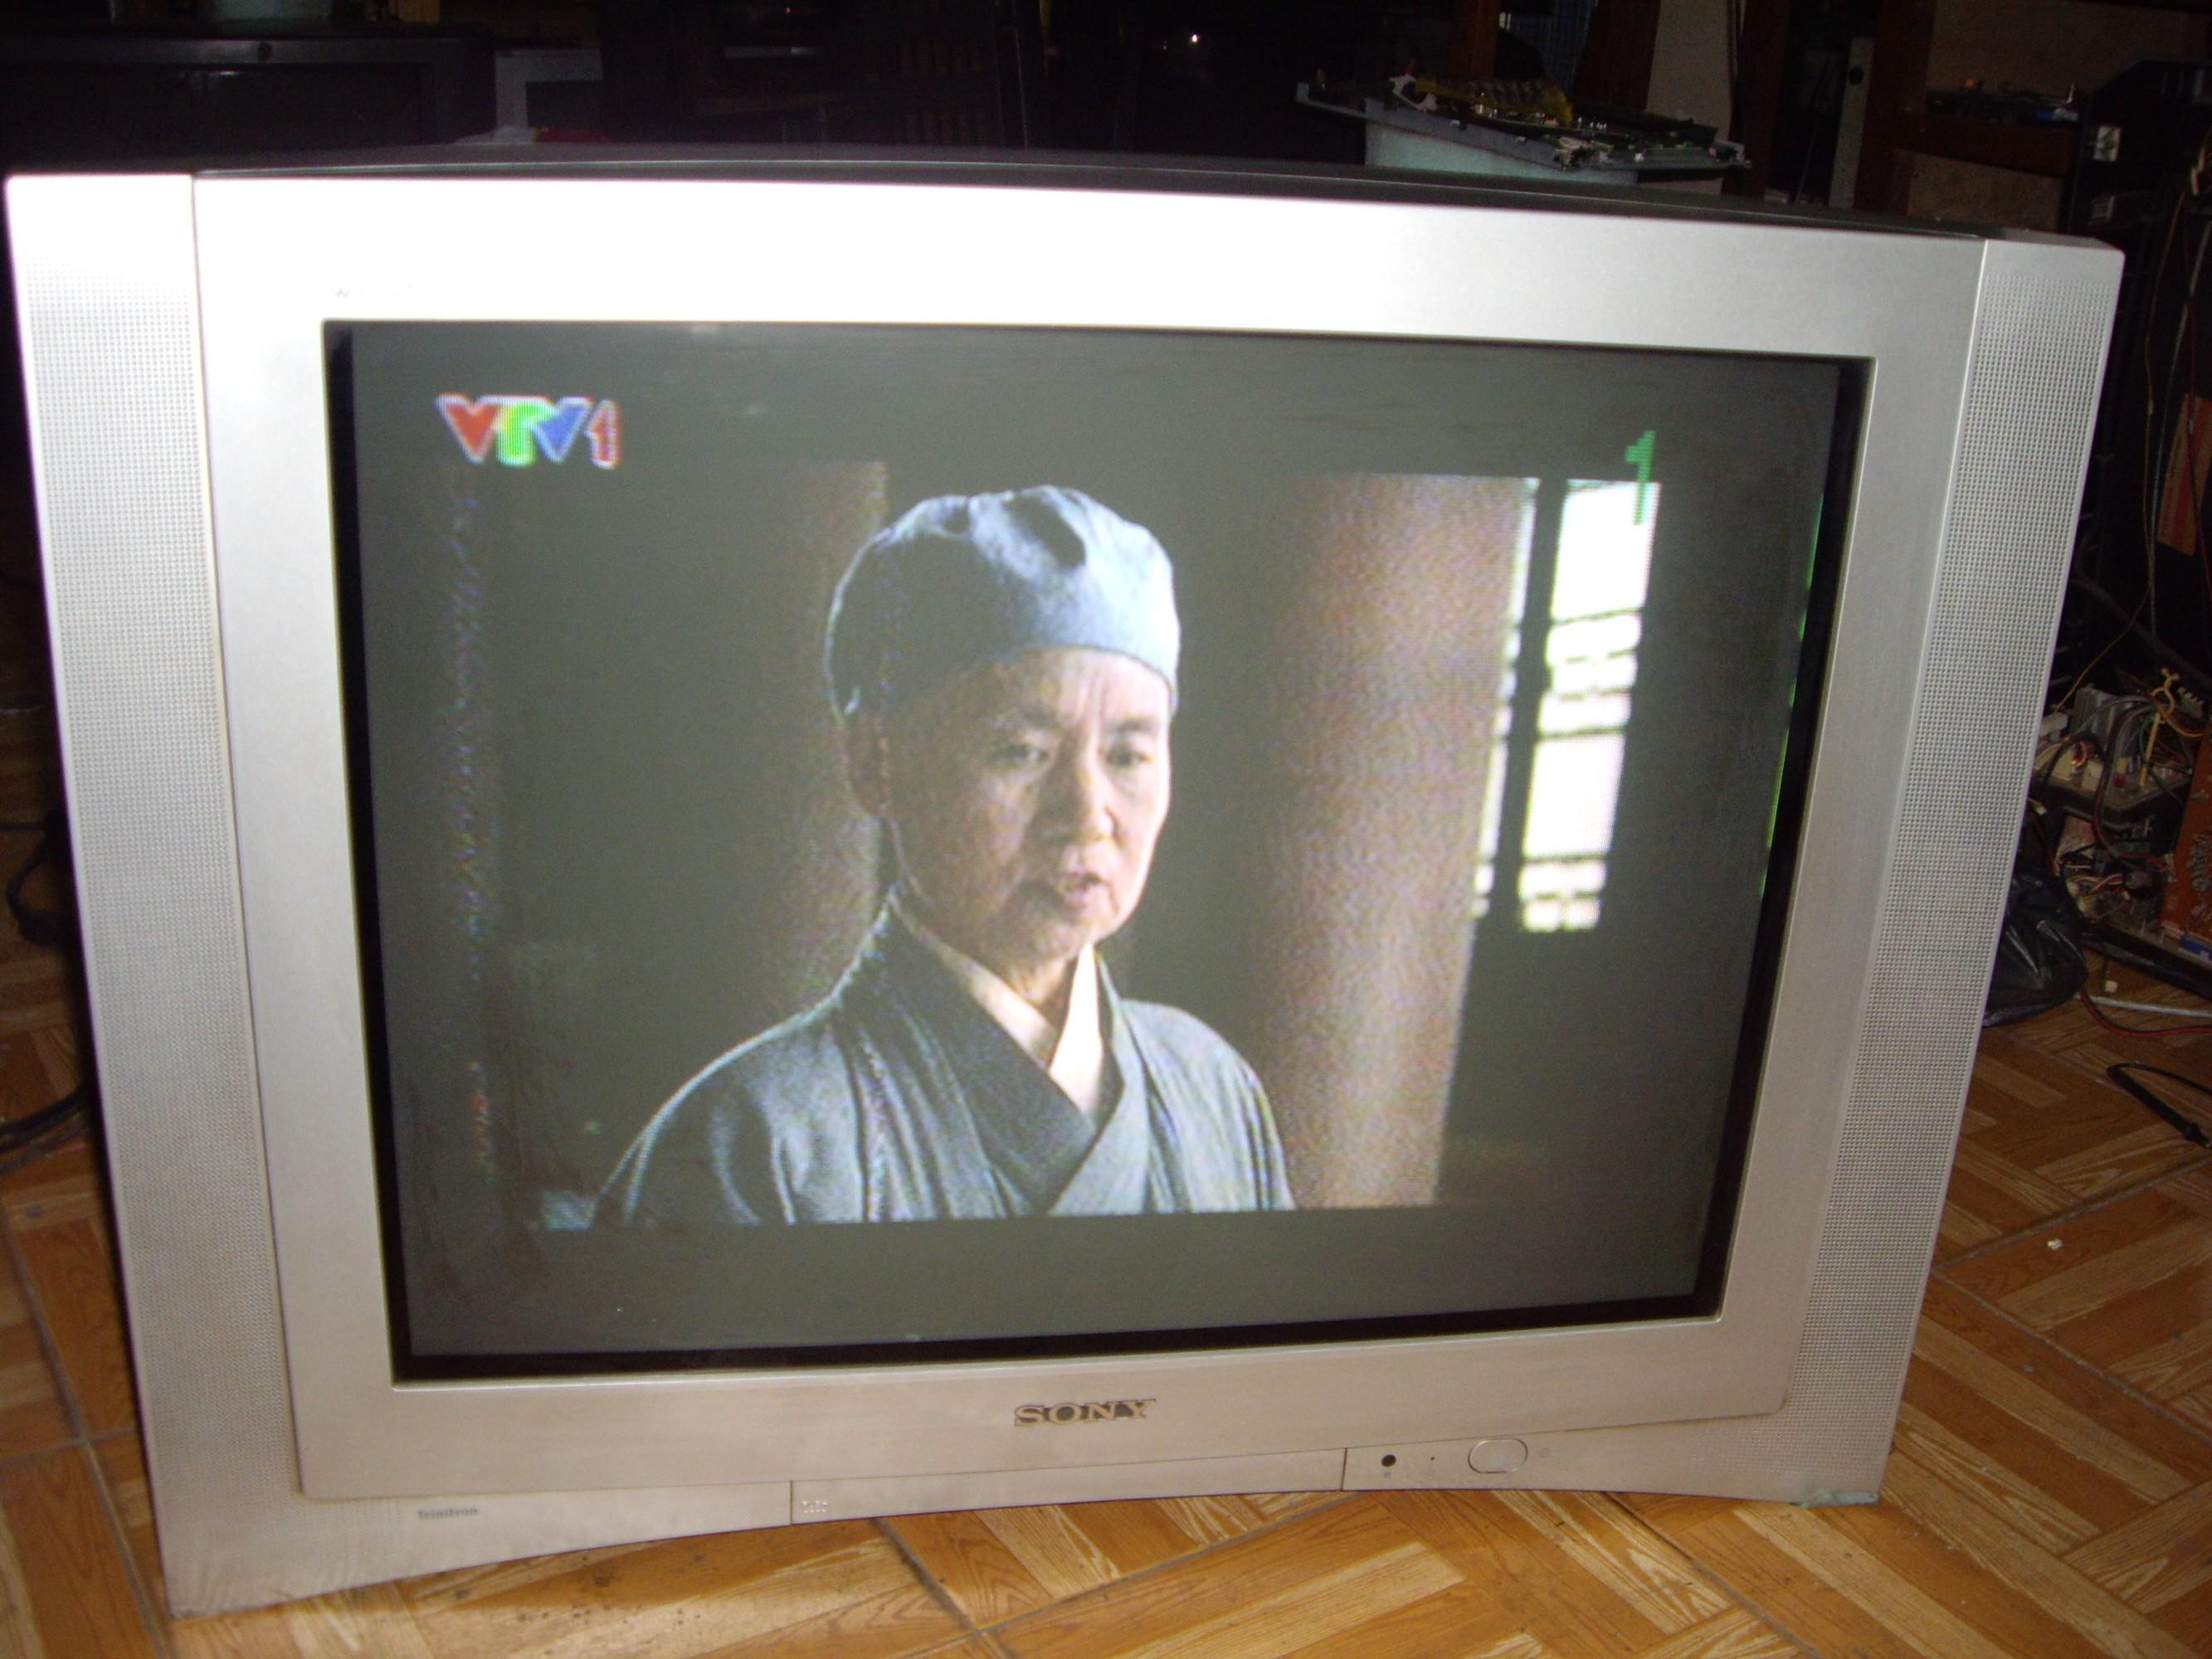 3 Thanh lý tv 25icnh 29inch siêu phẳng crt 500k 1 tv